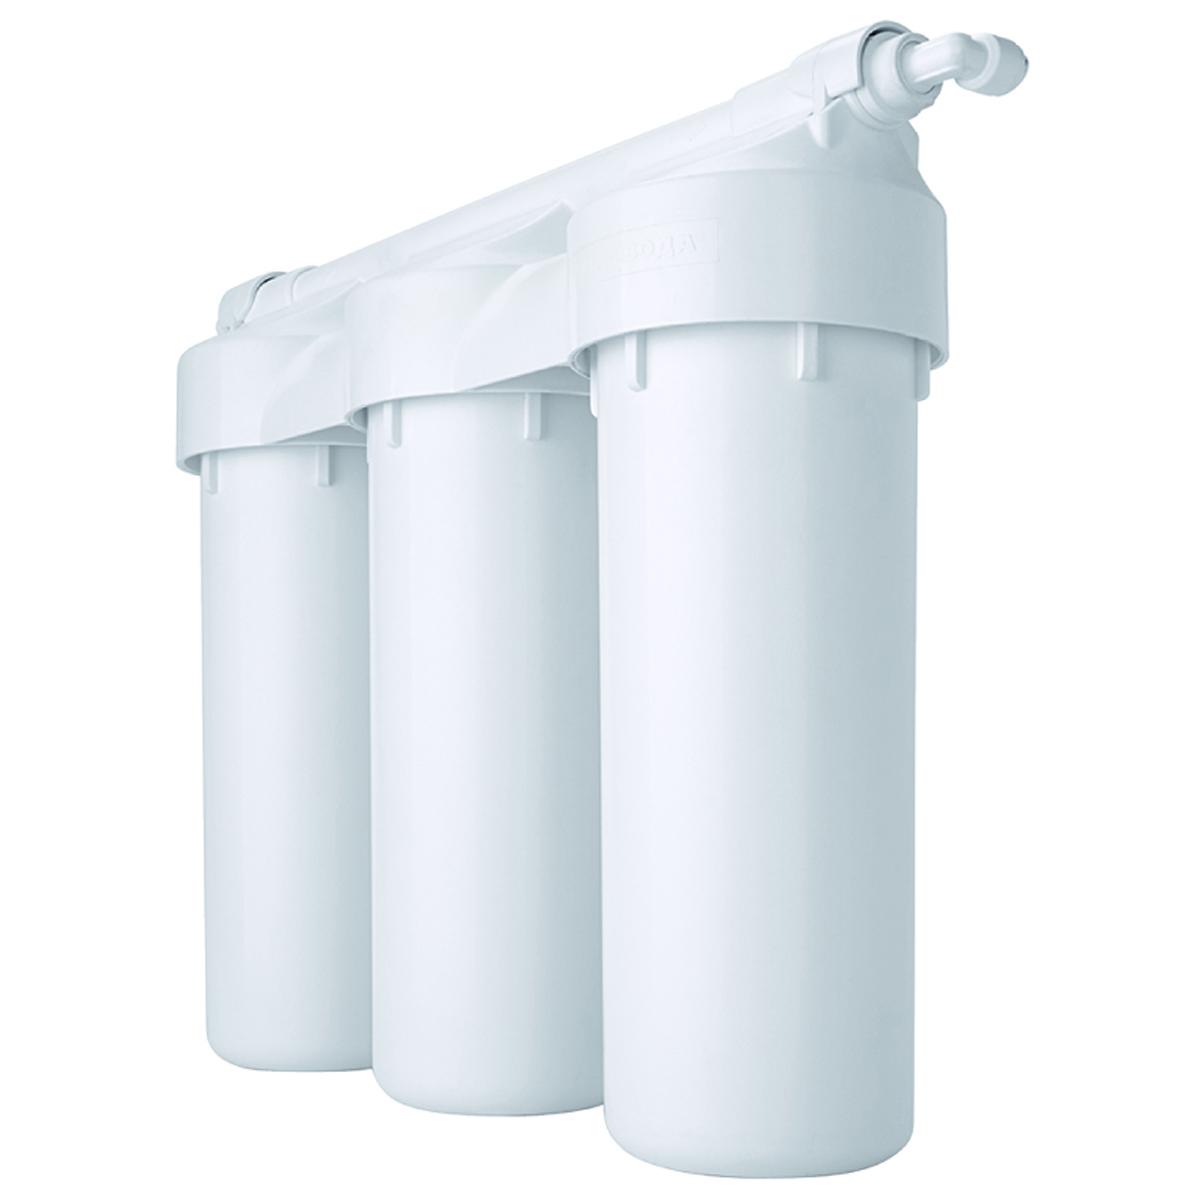 Водоочиститель Prio Praktic. ЕU300, с защитой от перепадов давления68/5/3В новой линейке Praktic соединены проверенные временем традиционные решения на базе стандартных 10-дюймовых картриджей с современными техническими решениями 21 века и немецкими технологиями от компании Prio®.Фильтры серии Praktic превосходно очищают водопроводную воду от всех самых опасных загрязнений, в том числе хлора и хлорной органики, механических примесей, канцерогенов, тяжелых металлов и т.д., улучшают вкус воды, устраняют посторонние запахи. В результате воду можно пить без кипячения, готовить на её основе еду и напитки даже для грудных детей.Ключевые особенности фильтров серии Praktic, выгодно отличающие их от большинства систем других производителей:- благодаря армированному корпусу и увеличенному количеству витков резьбы в местах соединения - выдерживают максимальное ударное давление до 28 атм, 100 тыс гидроударов (по методике тестирования целостности согласно NSF 58)- цельнолитая «голова» исключает вероятные протечки в местах соединения- гасители гидроудара на входе и выходе повышают надежность в процессе эксплуатации- улучшенная засыпка картриджей от ведущих поставщиков США, Индонезии и Германии гарантирует прекрасное качество очистки на протяжении всего срока службы- гарантия 2 года- все заявленные показатели подтверждены независимым тестированием НИИ СантехникиТолько фильтры Praktic от компании Prio имеют уникальную возможность - расширяемость постфильтрами из старшей линейки Expert® (добавление 4-й, 5-й и т.д. ступеней очистки, в том числеультрафильтрации,шунгитаи др.), а также апгрейд до системы обратного осмоса с сохранением ранее вложенных инвестиций.Не зря данная серия фильтров -самое популярное решение для очистки водопроводной воды в квартире. Стандартизированные картриджи, простая схема подключения, широкий выбор моделей, недорогое и простое обслуживание делают данные фильтры прекрасным выбором.Производство в России на современном оборудовании под контролем немецких инжен